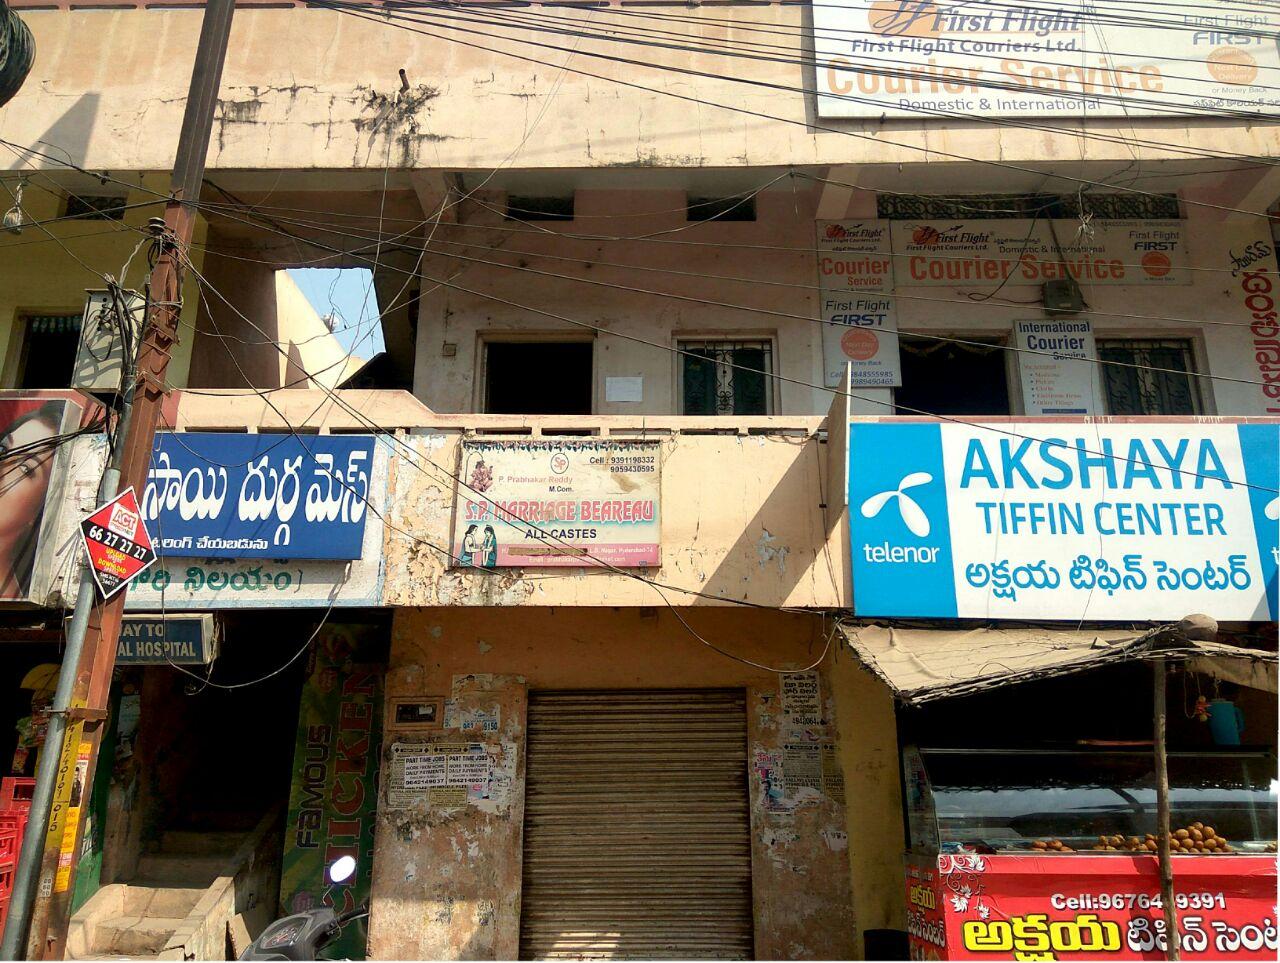 S P  Marriage Bureau in Lal Bahadur Nagar, Hyderabad-500074